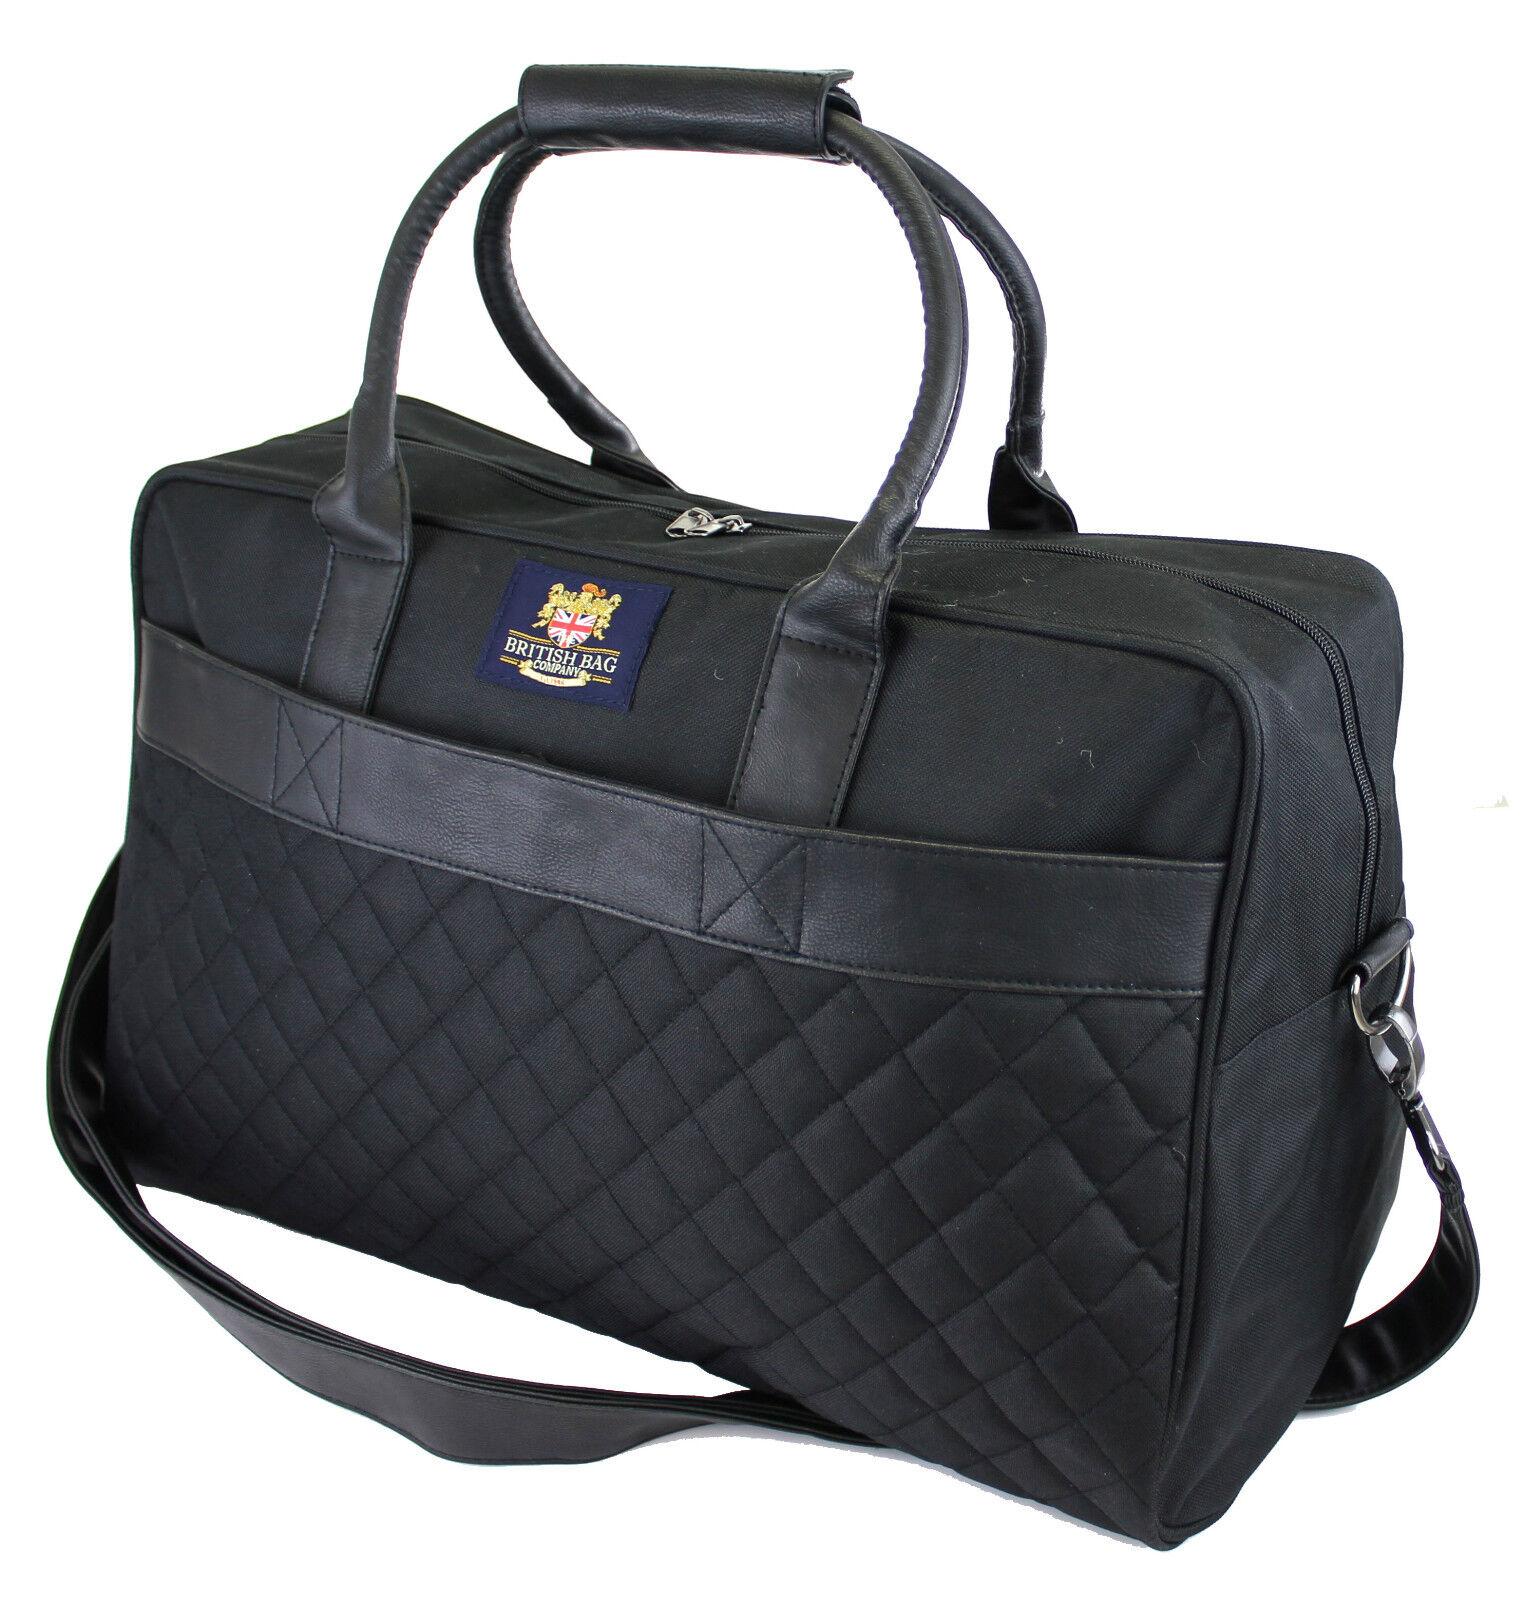 Gli inglesi Bag Company Trapuntato Borsone borsa da viaggio REGALO viaggiatori